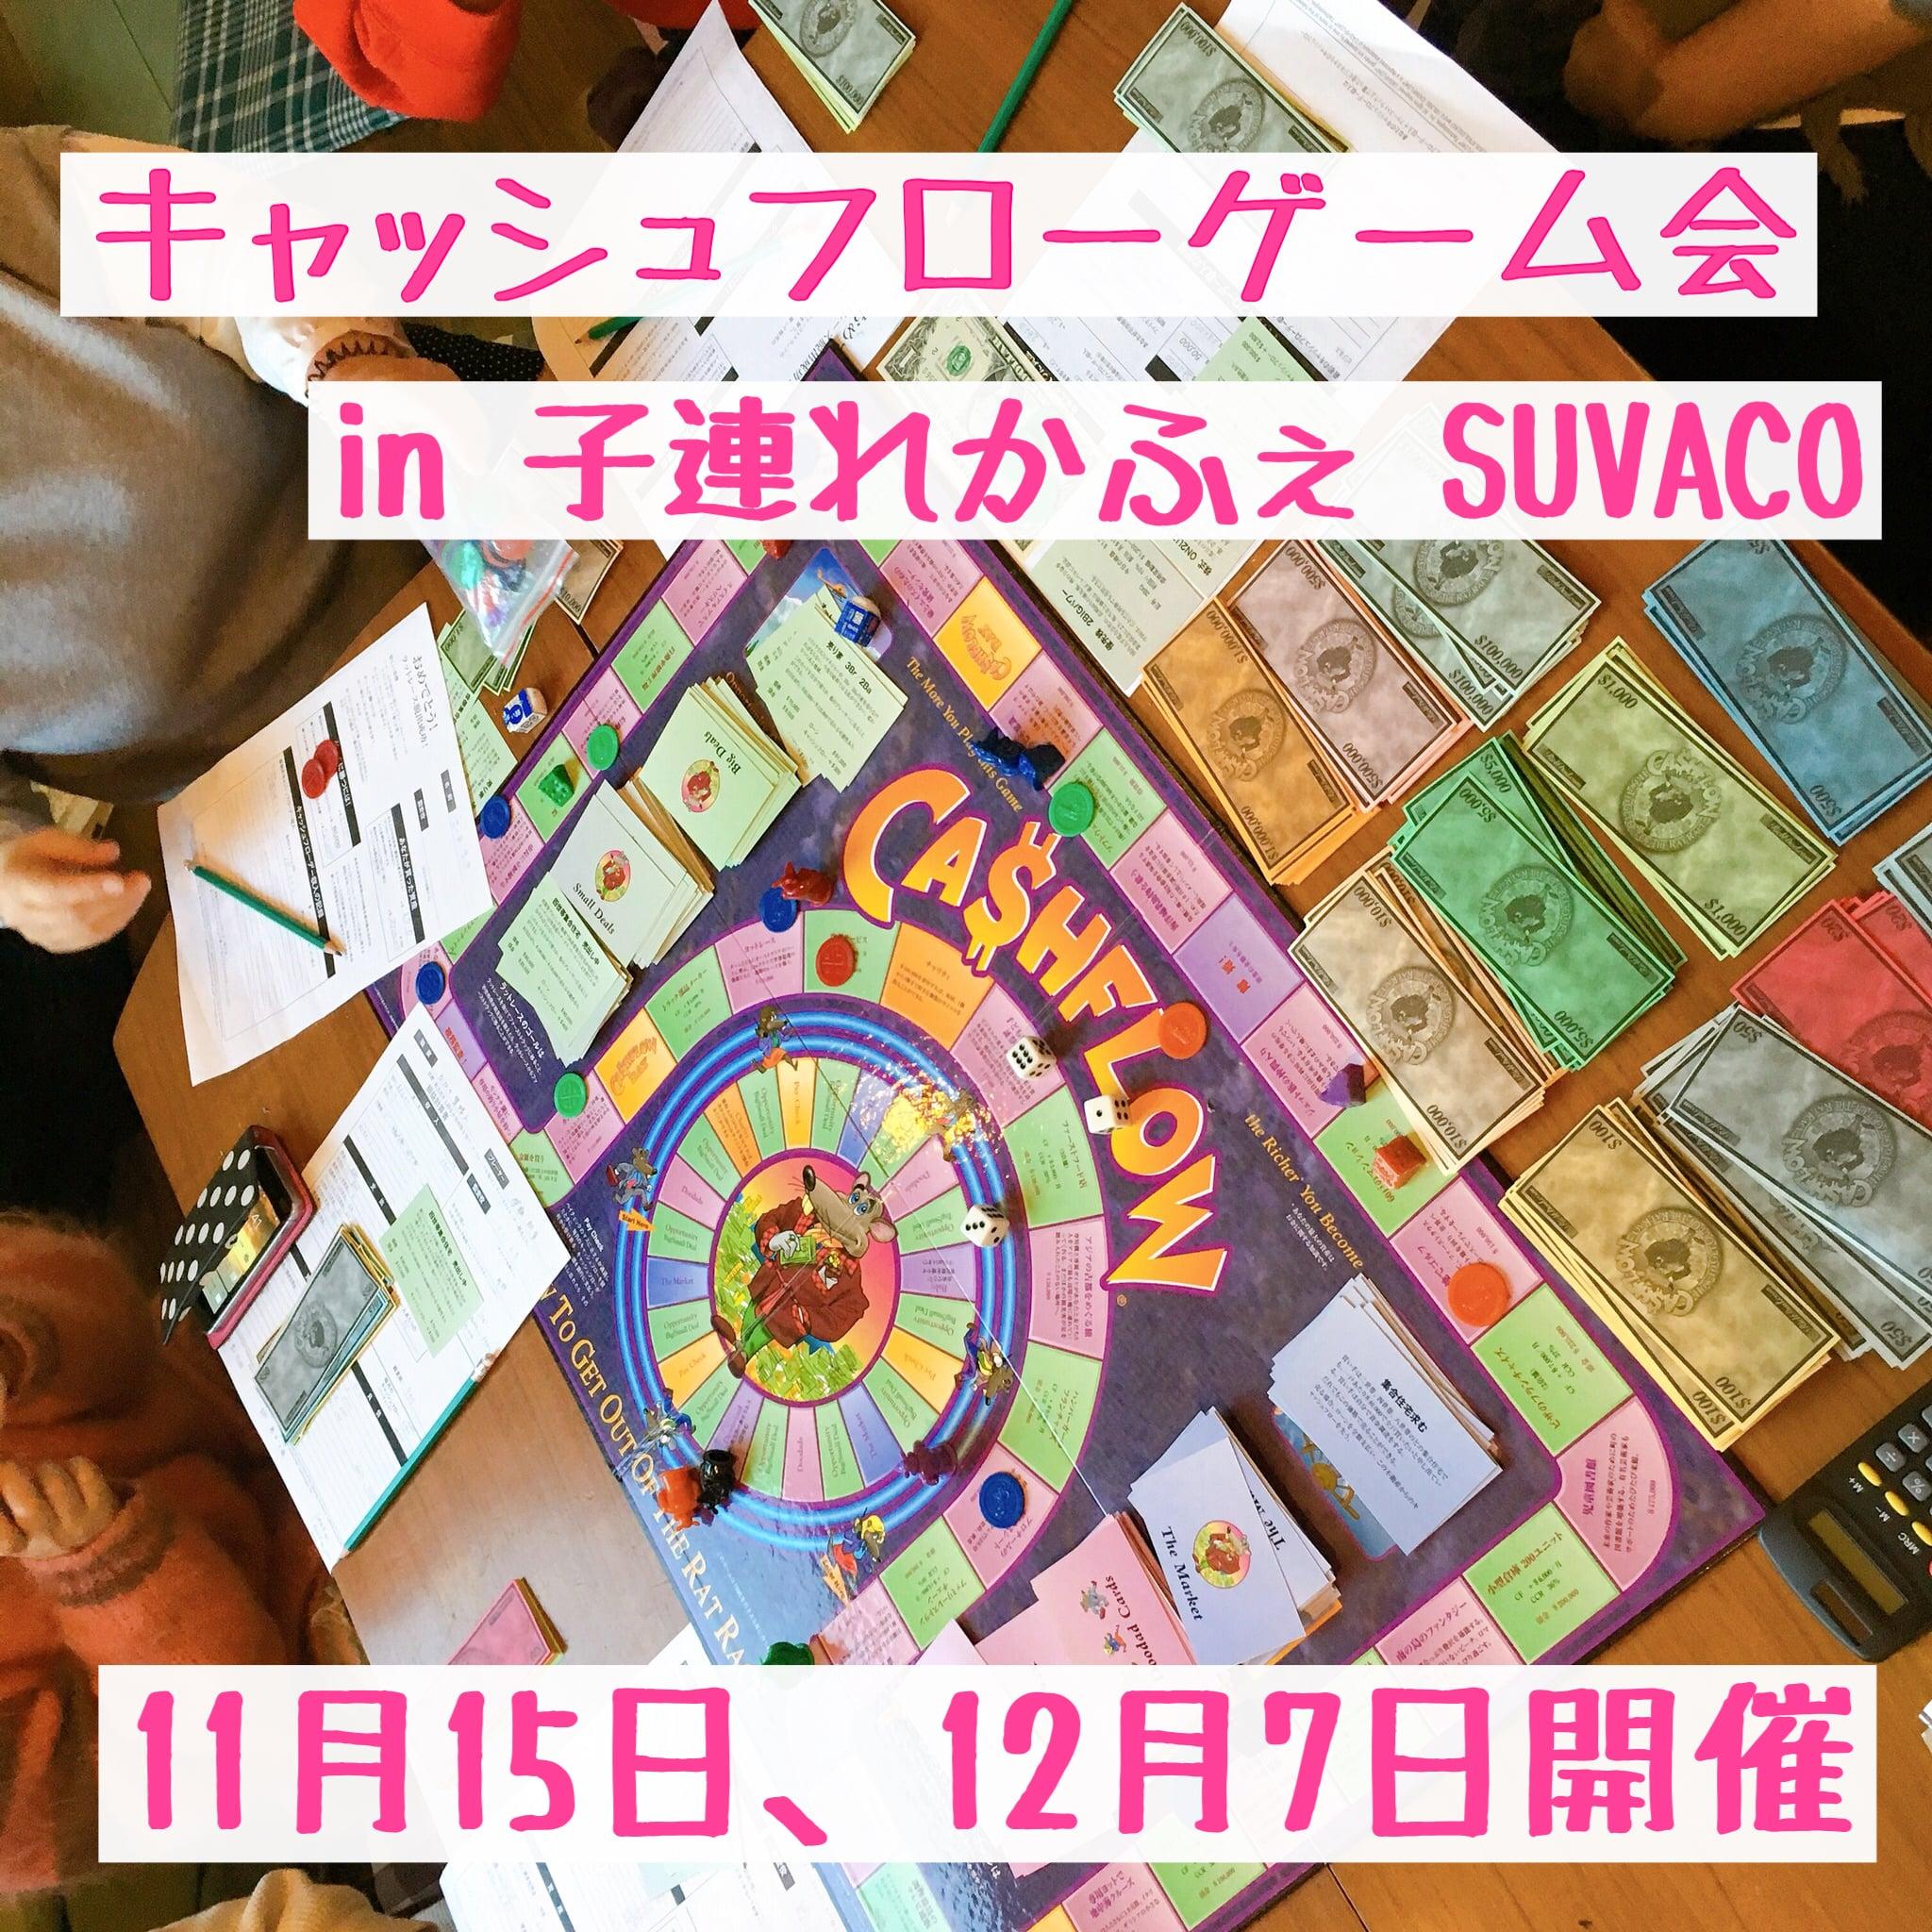 【12月7日開催】キャッシュフローゲーム会 in 子連れカフェSUVACOのイメージその1